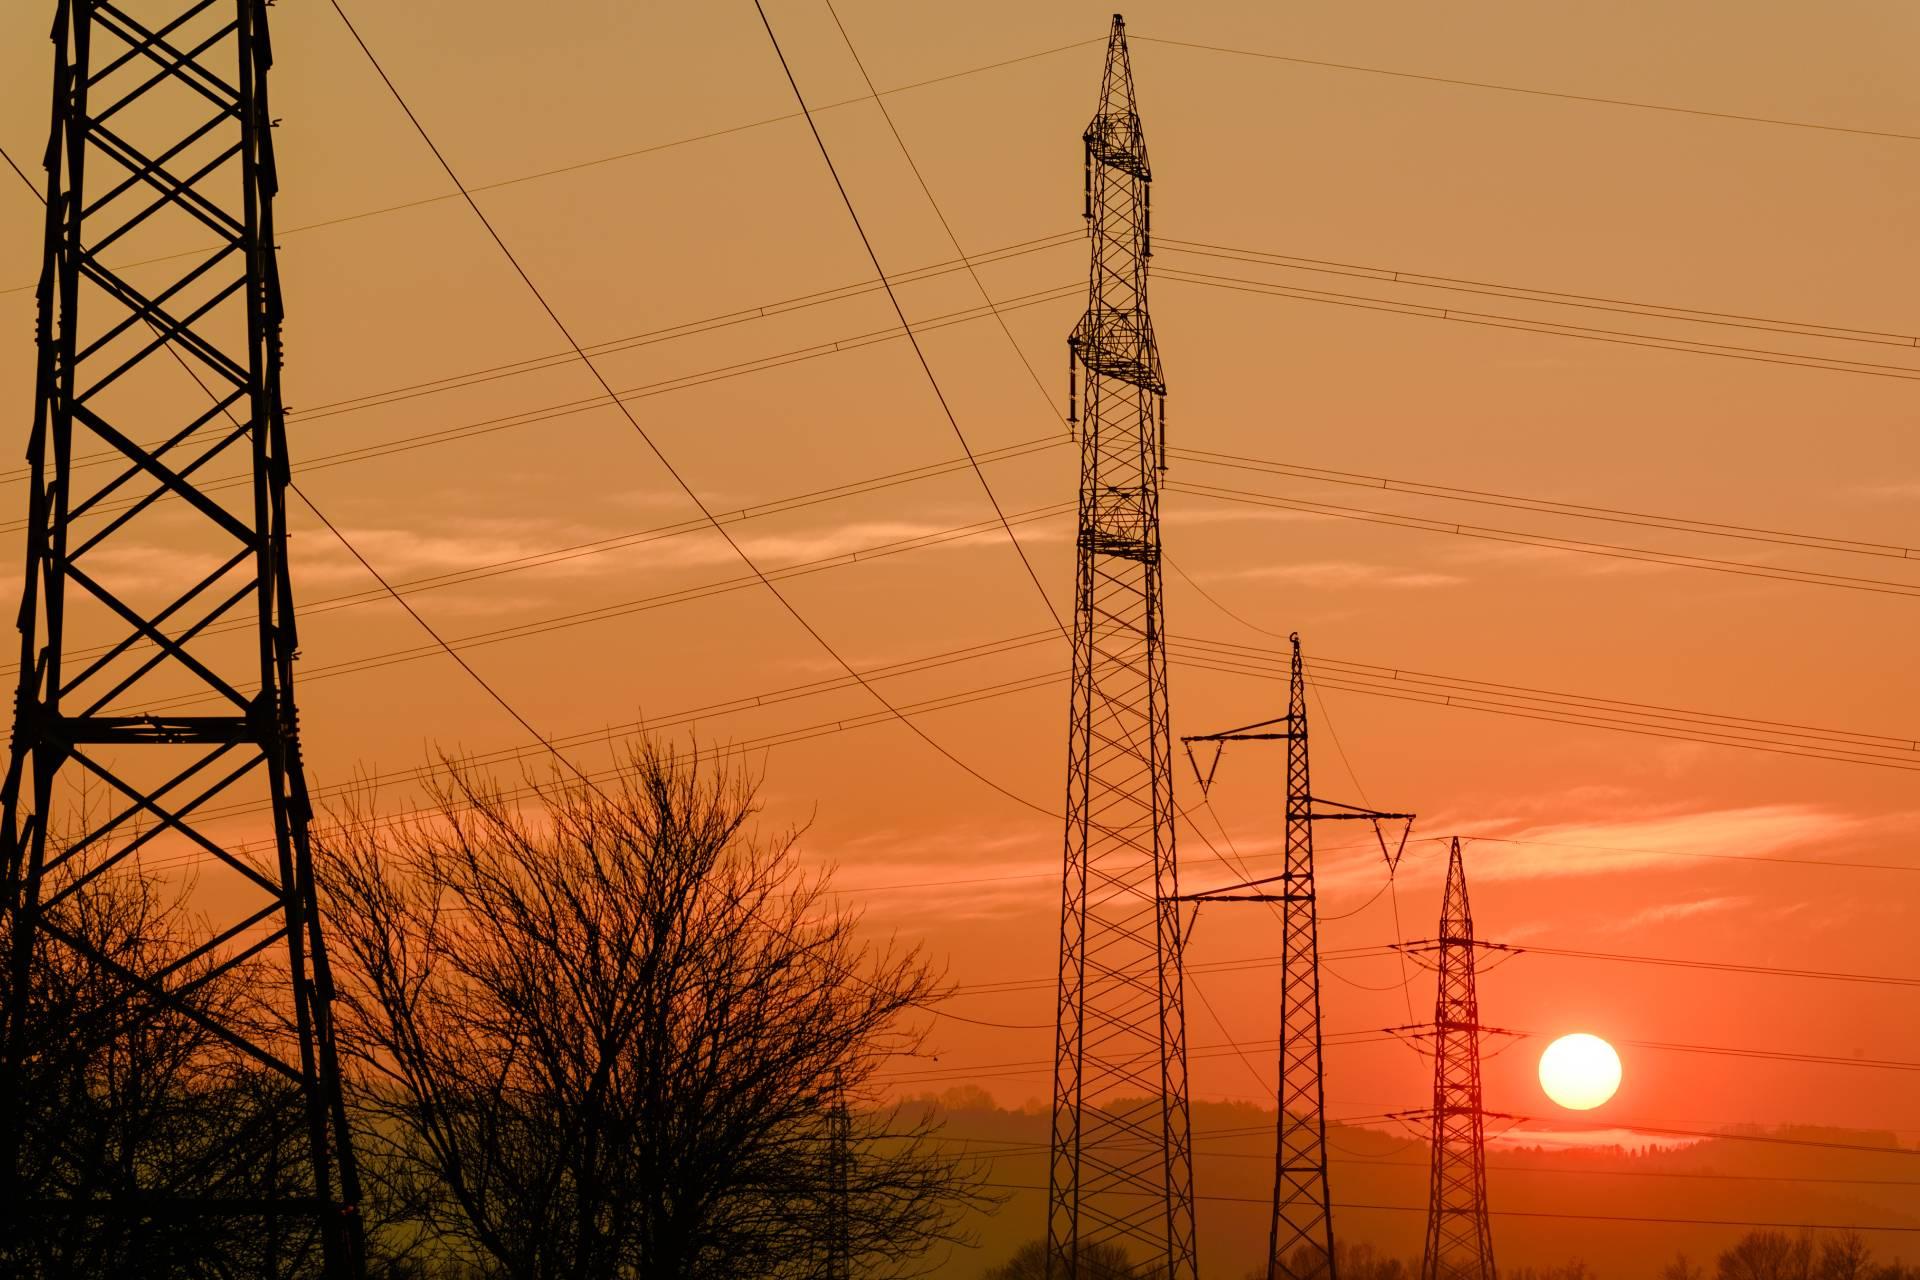 Energetic infrastructure